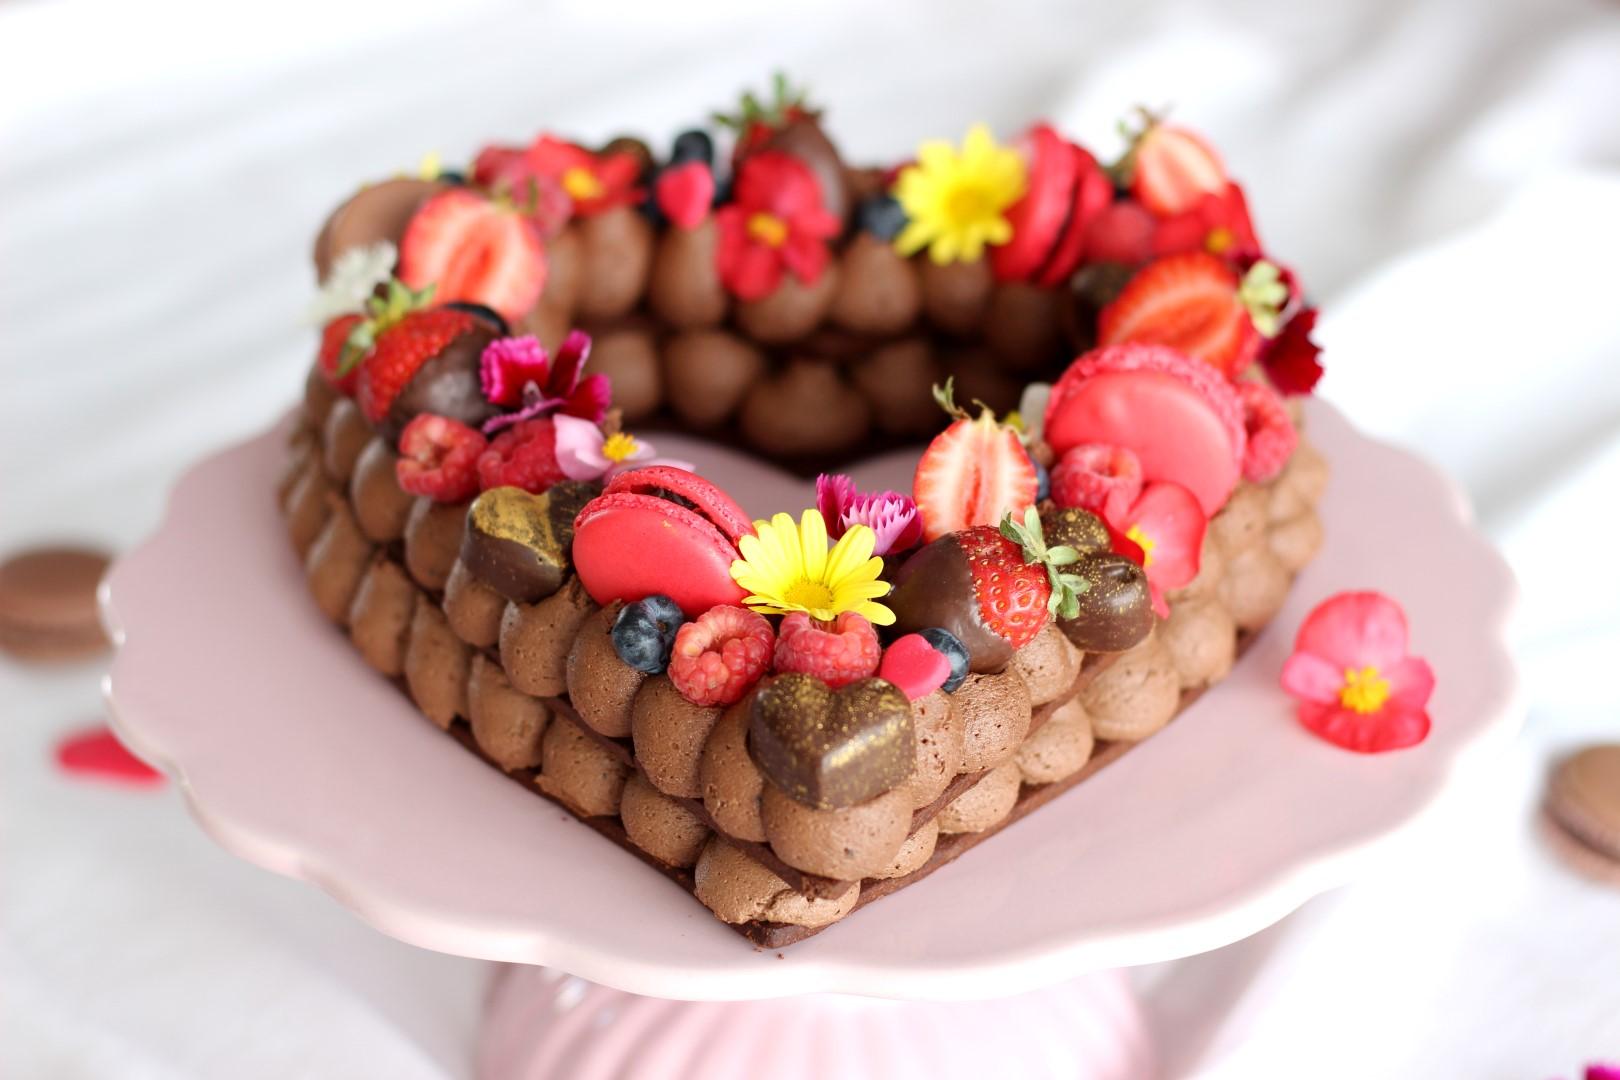 Torta de números, number cake, alphabet cake, cream tart, receta.